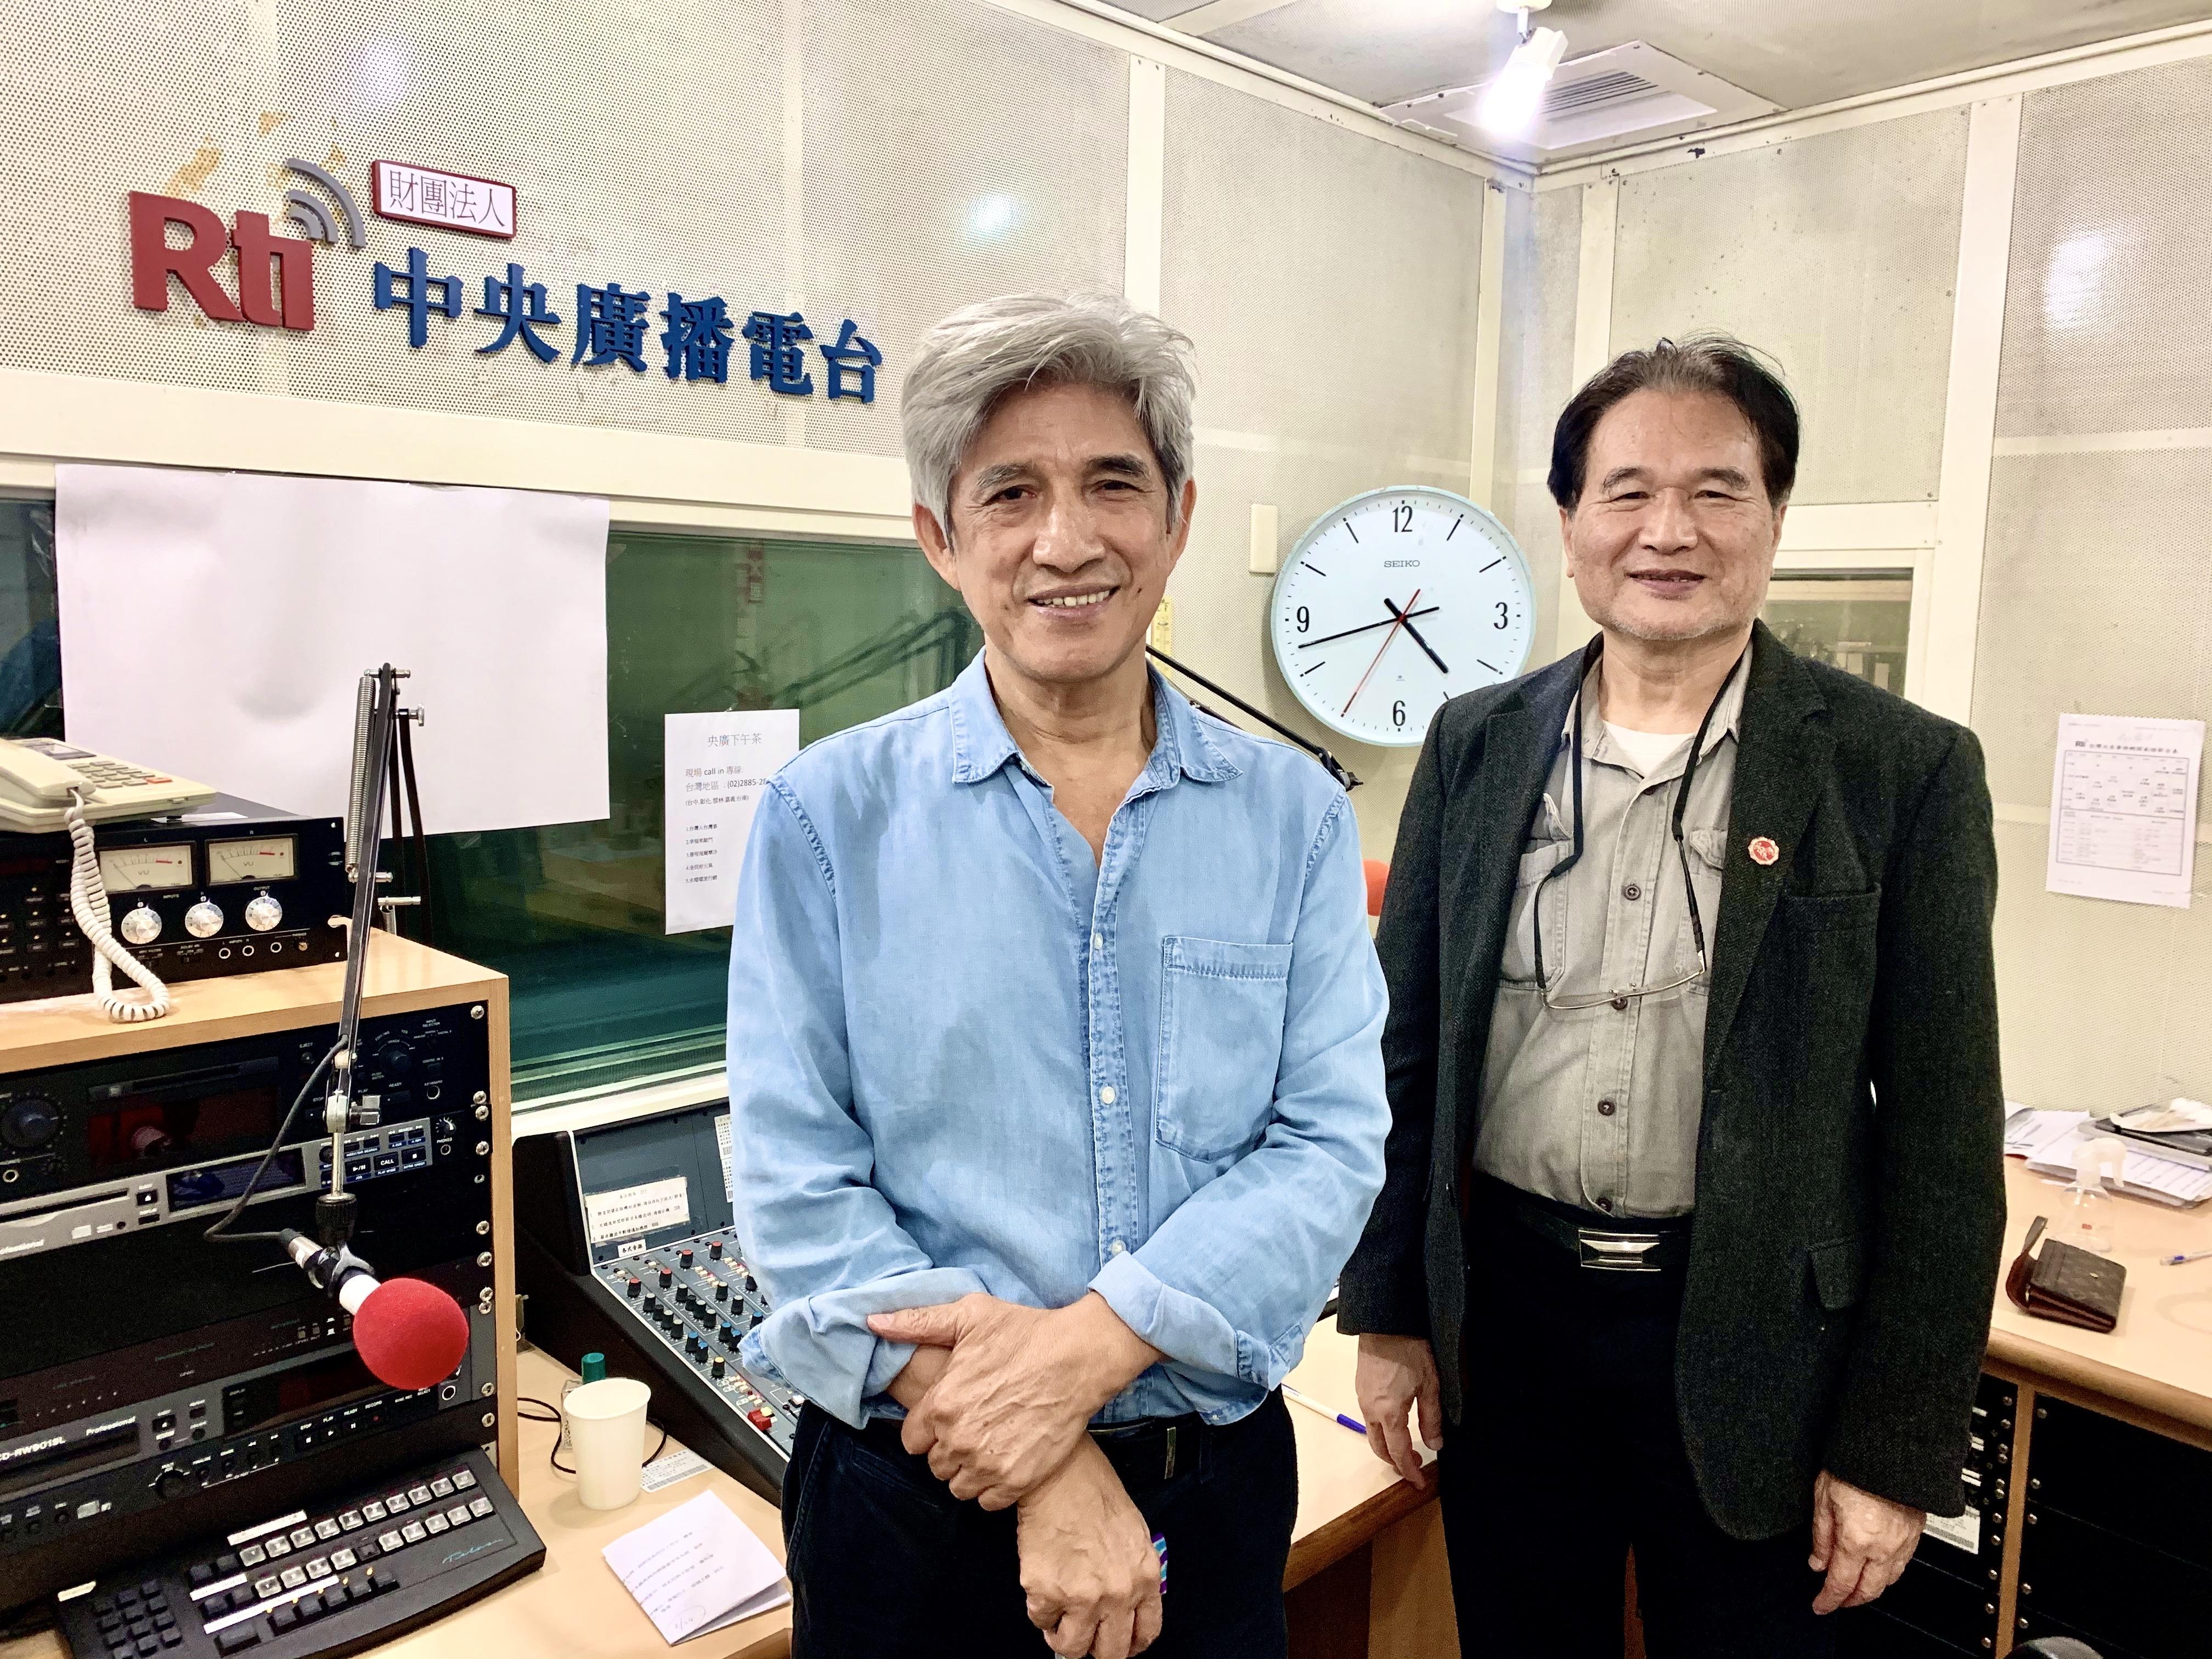 專訪「道士教授」李豐楙(一)